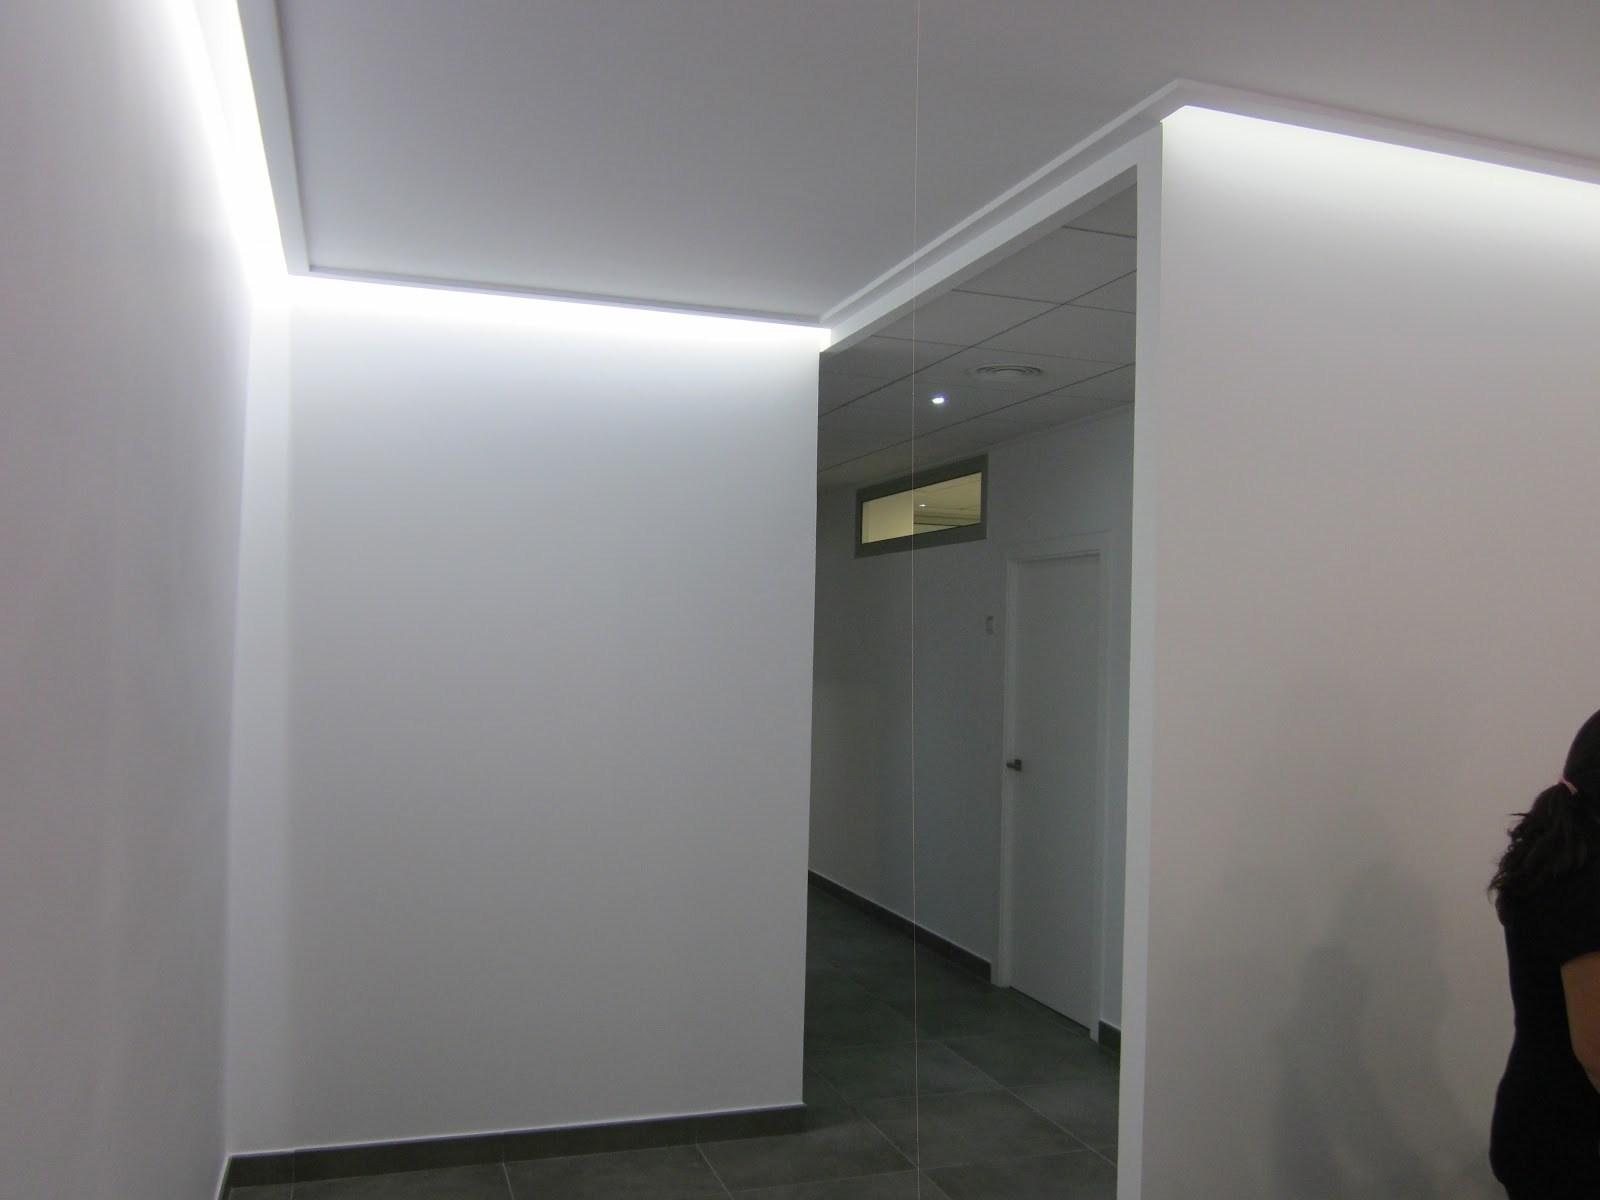 Realizzare pareti divisorie in cartongesso le pareti divisorie consigli per realizzare - Parete divisoria in cartongesso ...